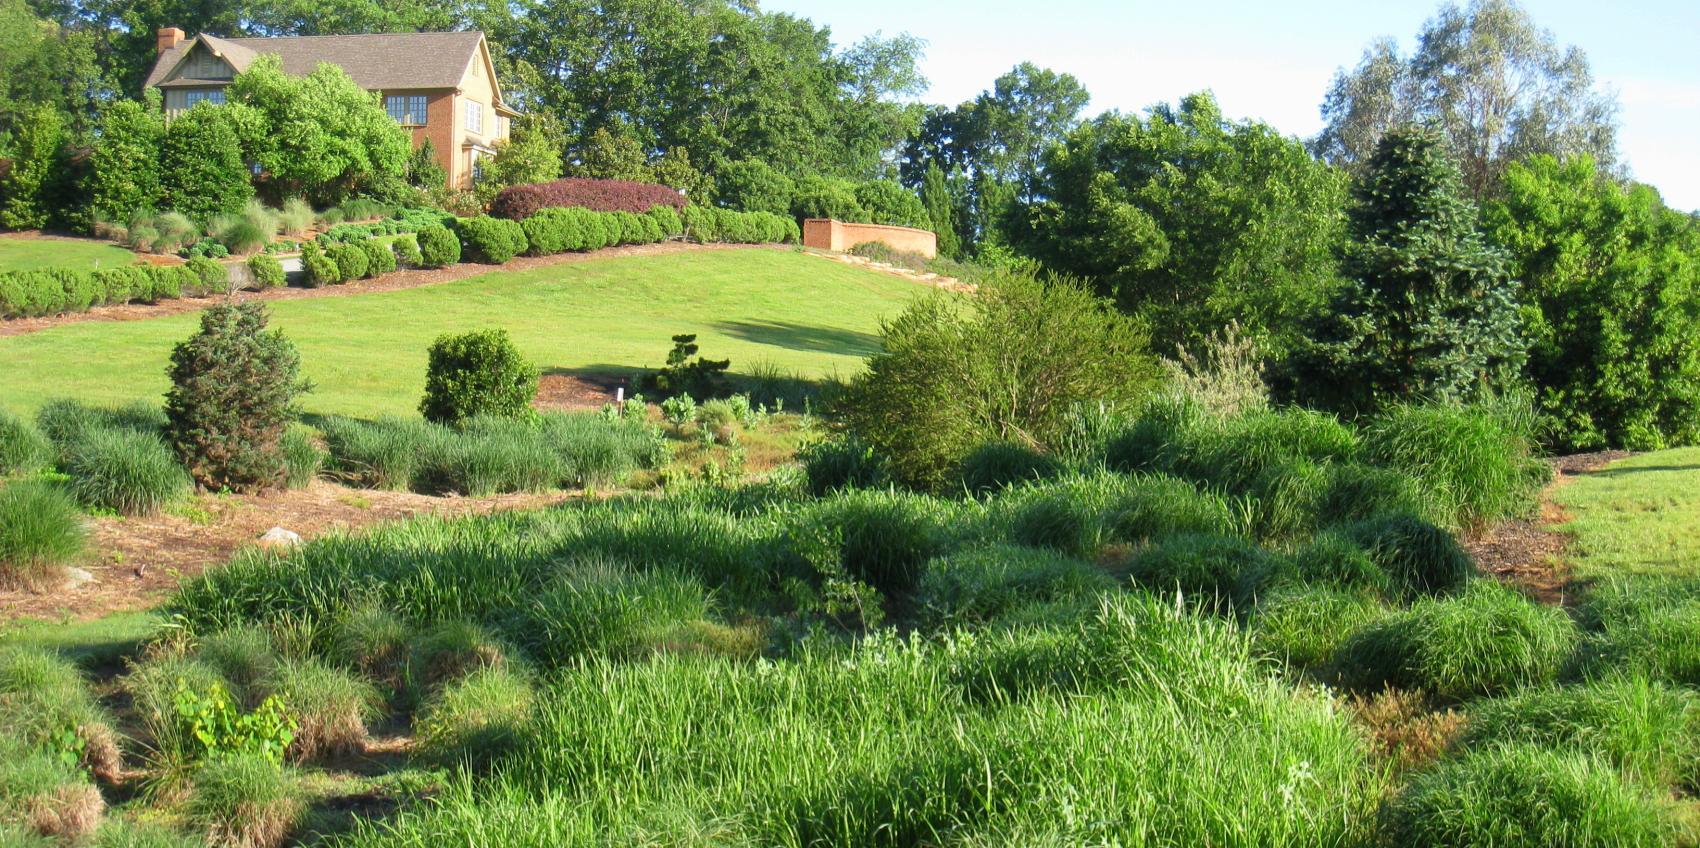 South carolina botanical garden american public gardens for American garden association